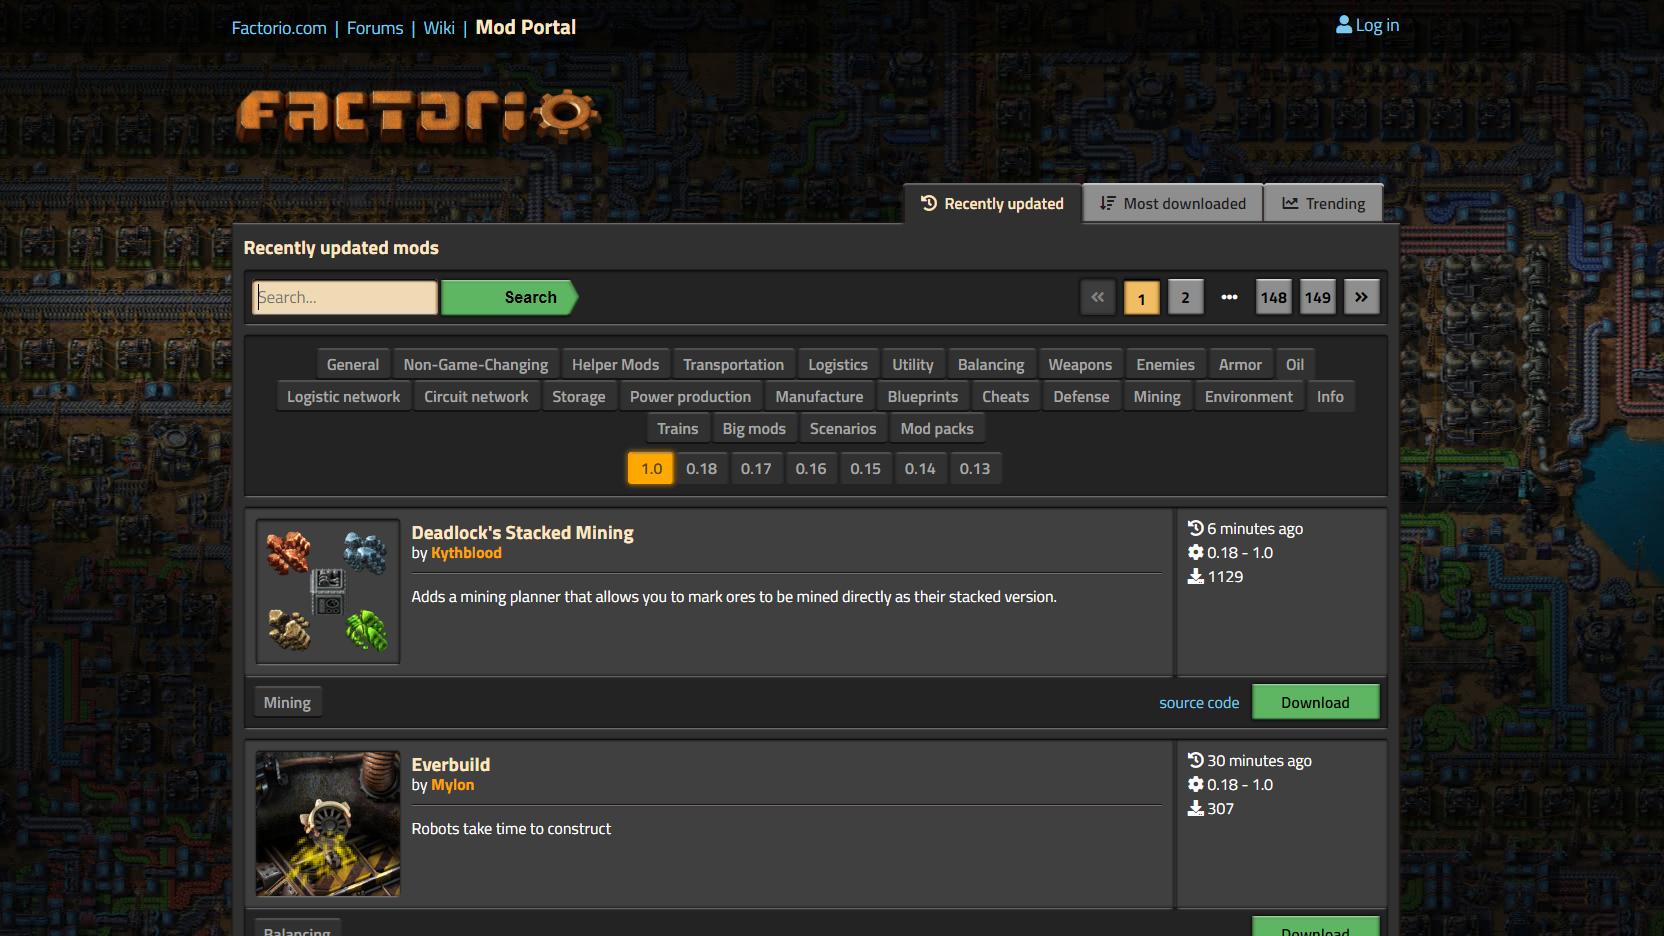 Über das Mod Portal haben Sie Zugriff auf zahlreiche neue Inhalte in Factorio, die Sie manuell installieren.